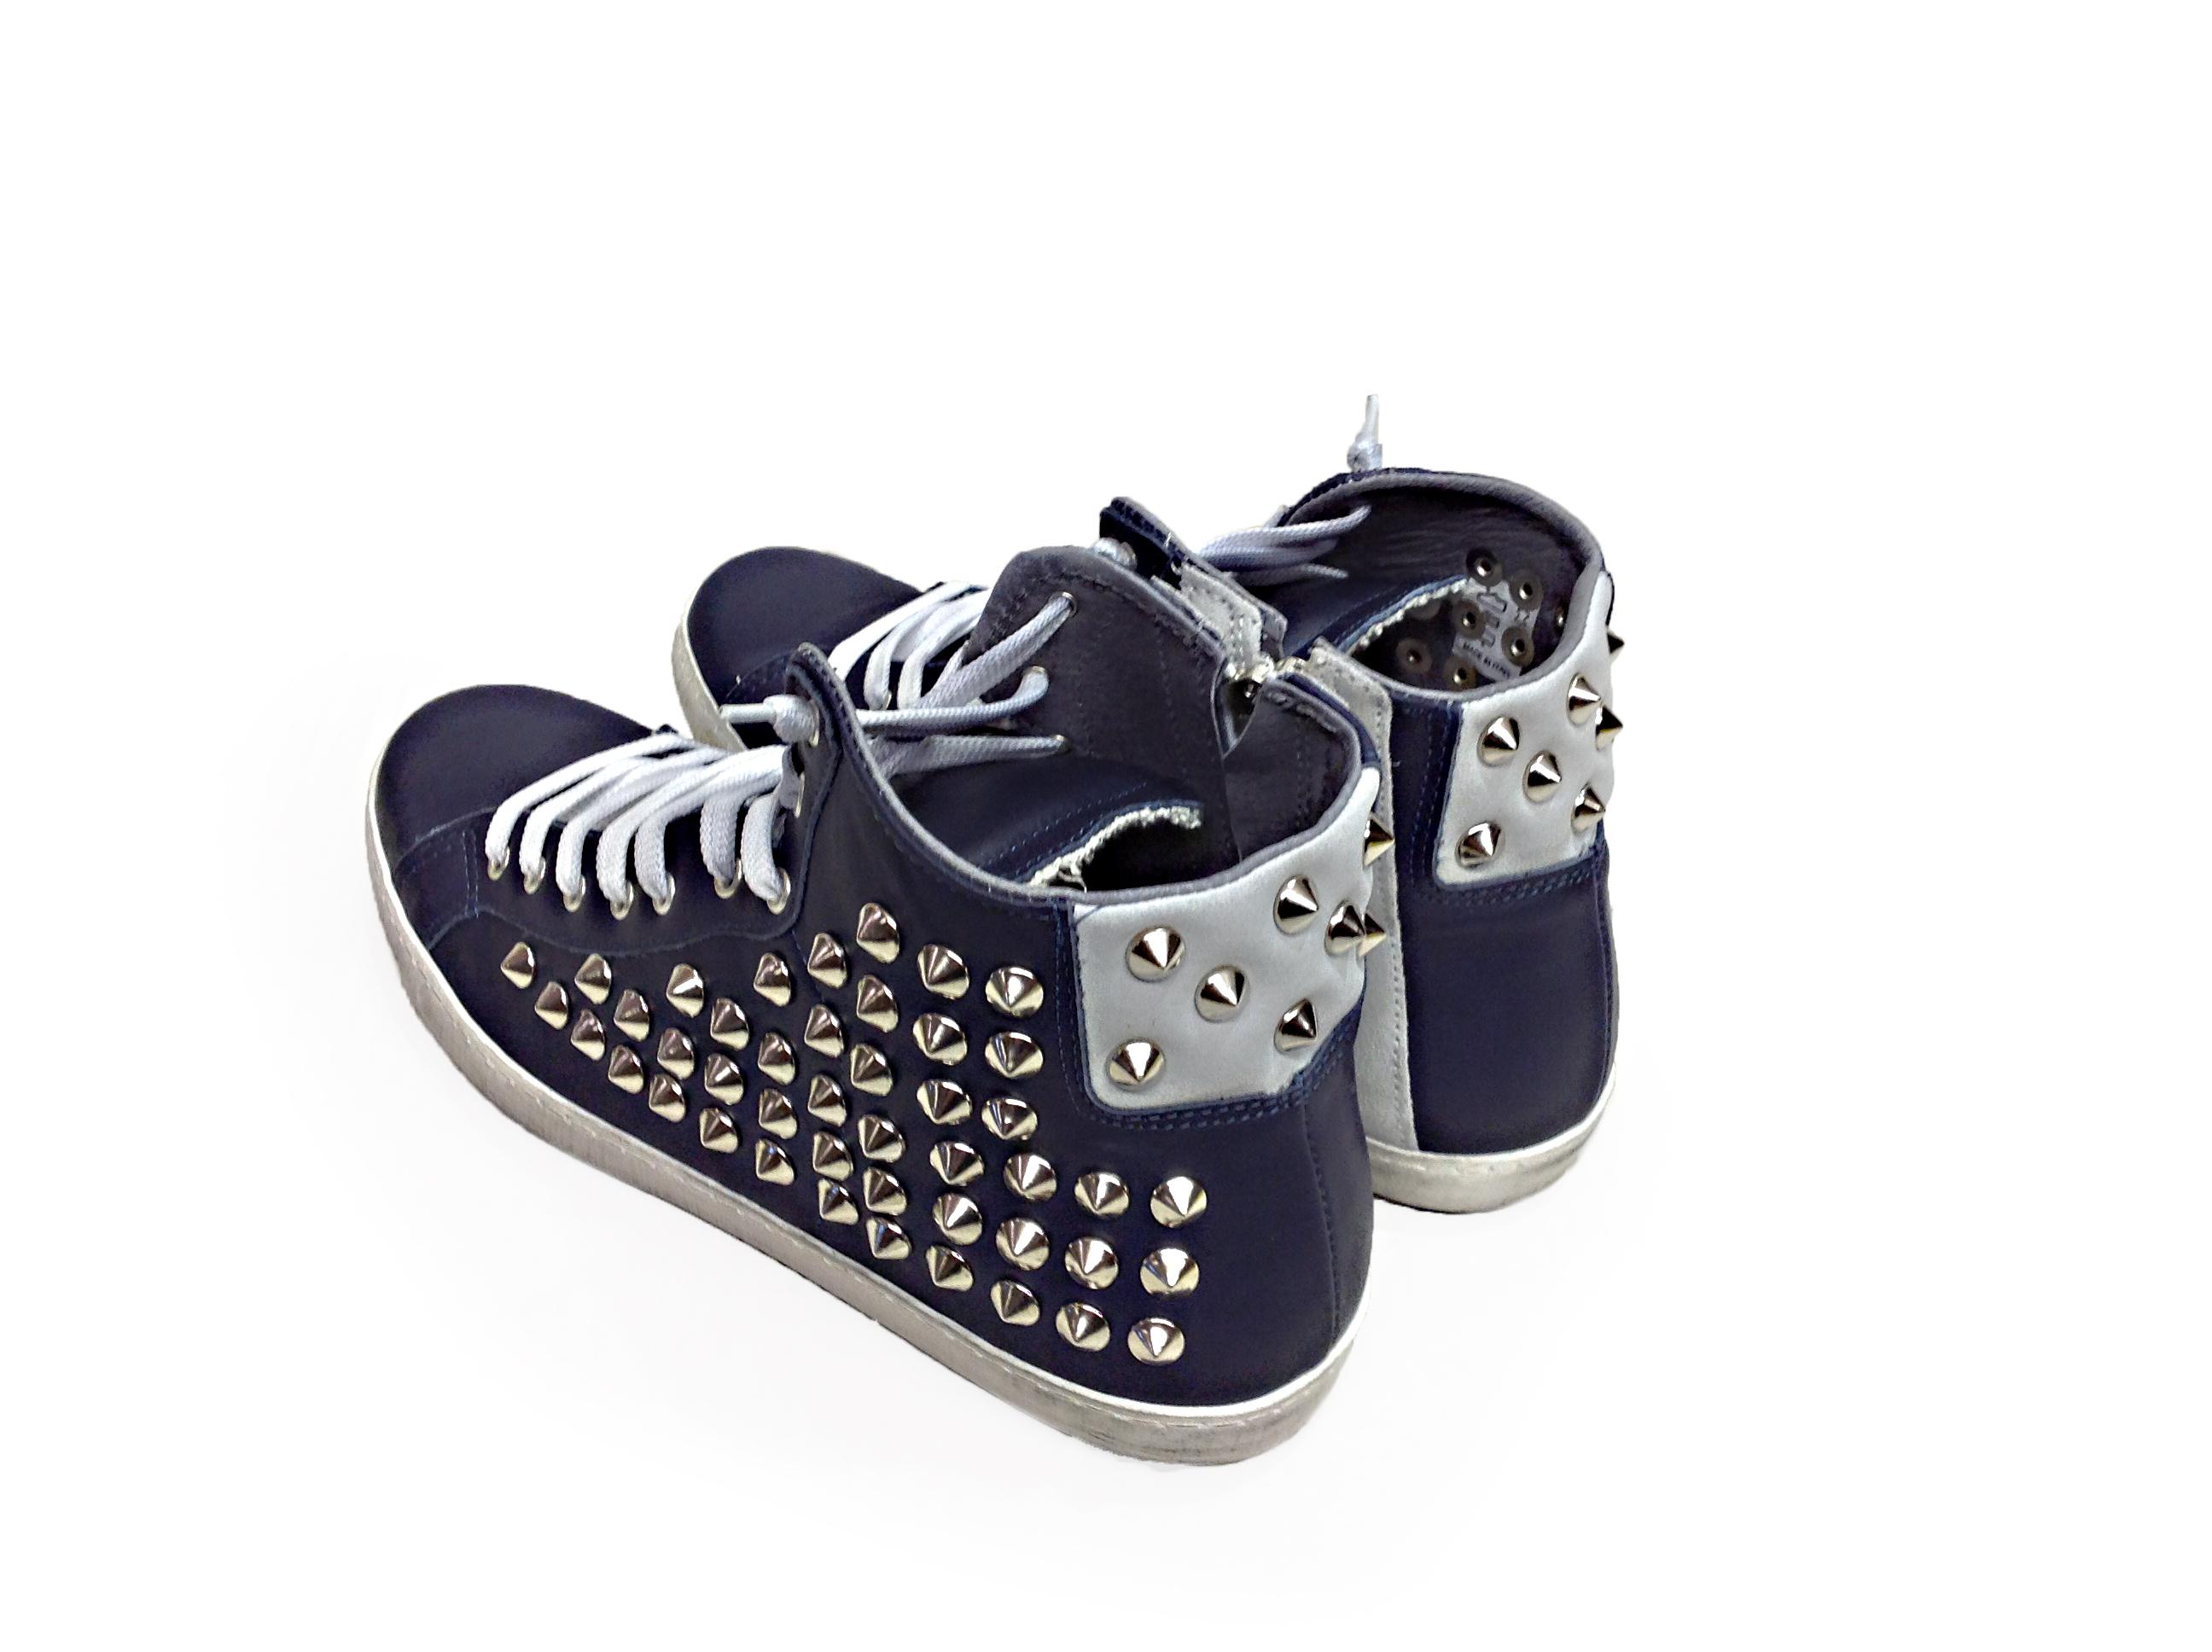 scarpe sneakers alte uomo cerniera Via Condotti pelle blu gh  f66246602c7